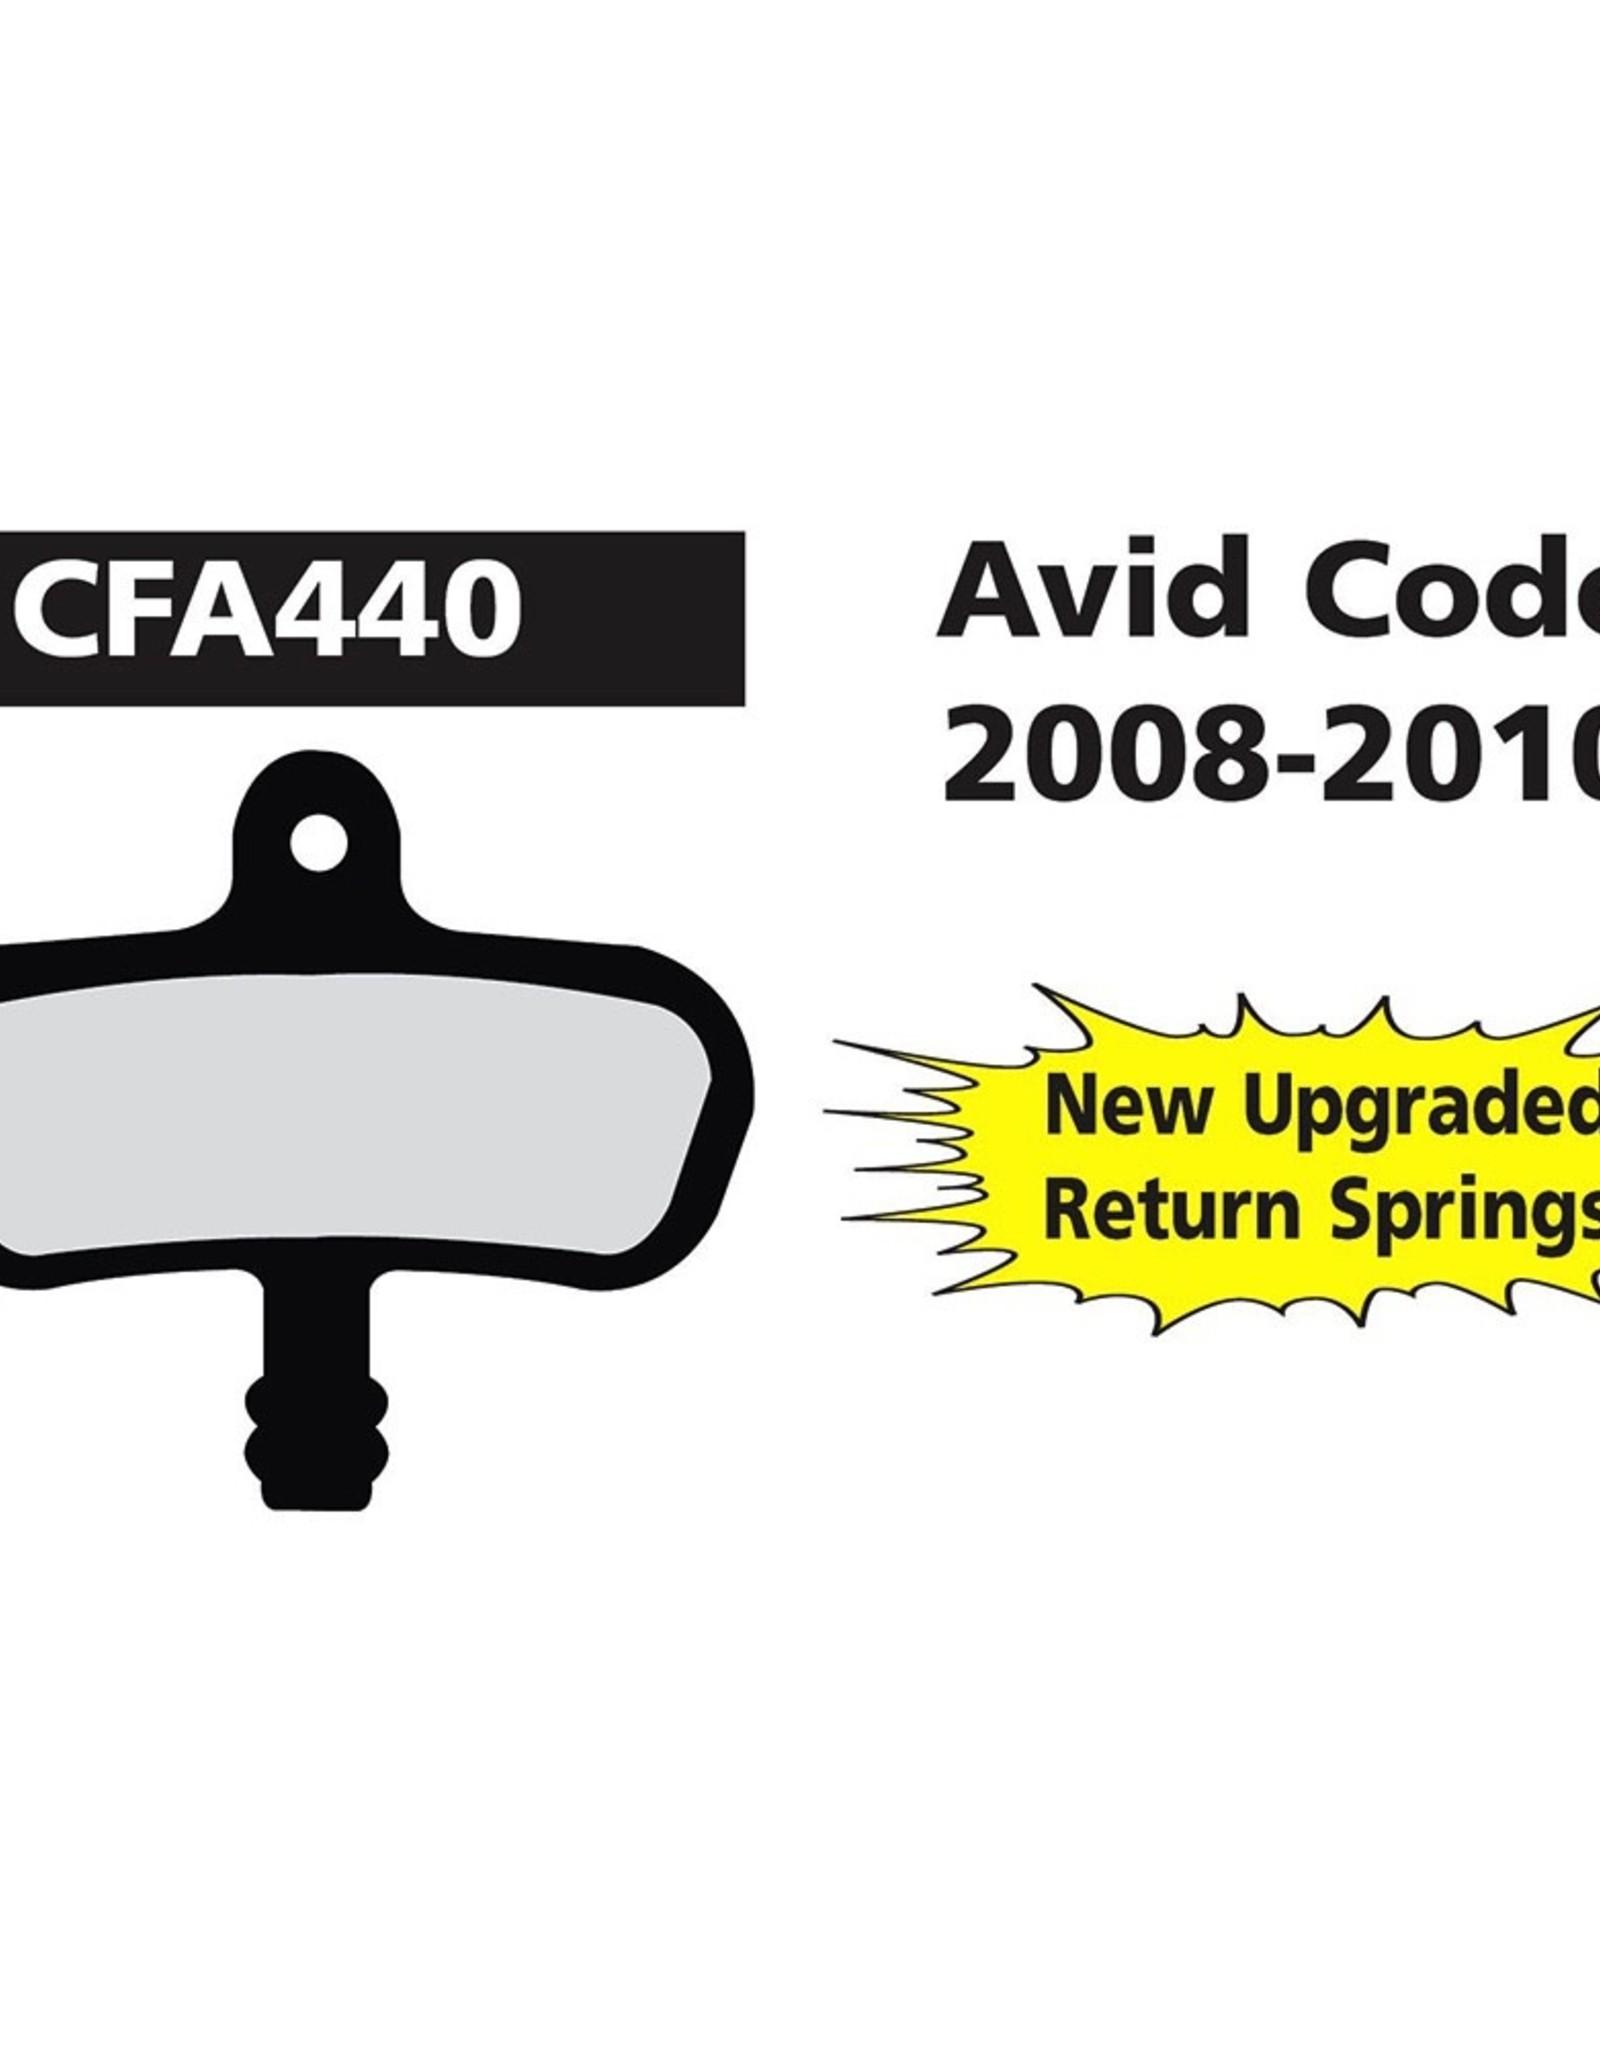 EBC EBC Disc Brake Pads - FA440 Organic (Avid)